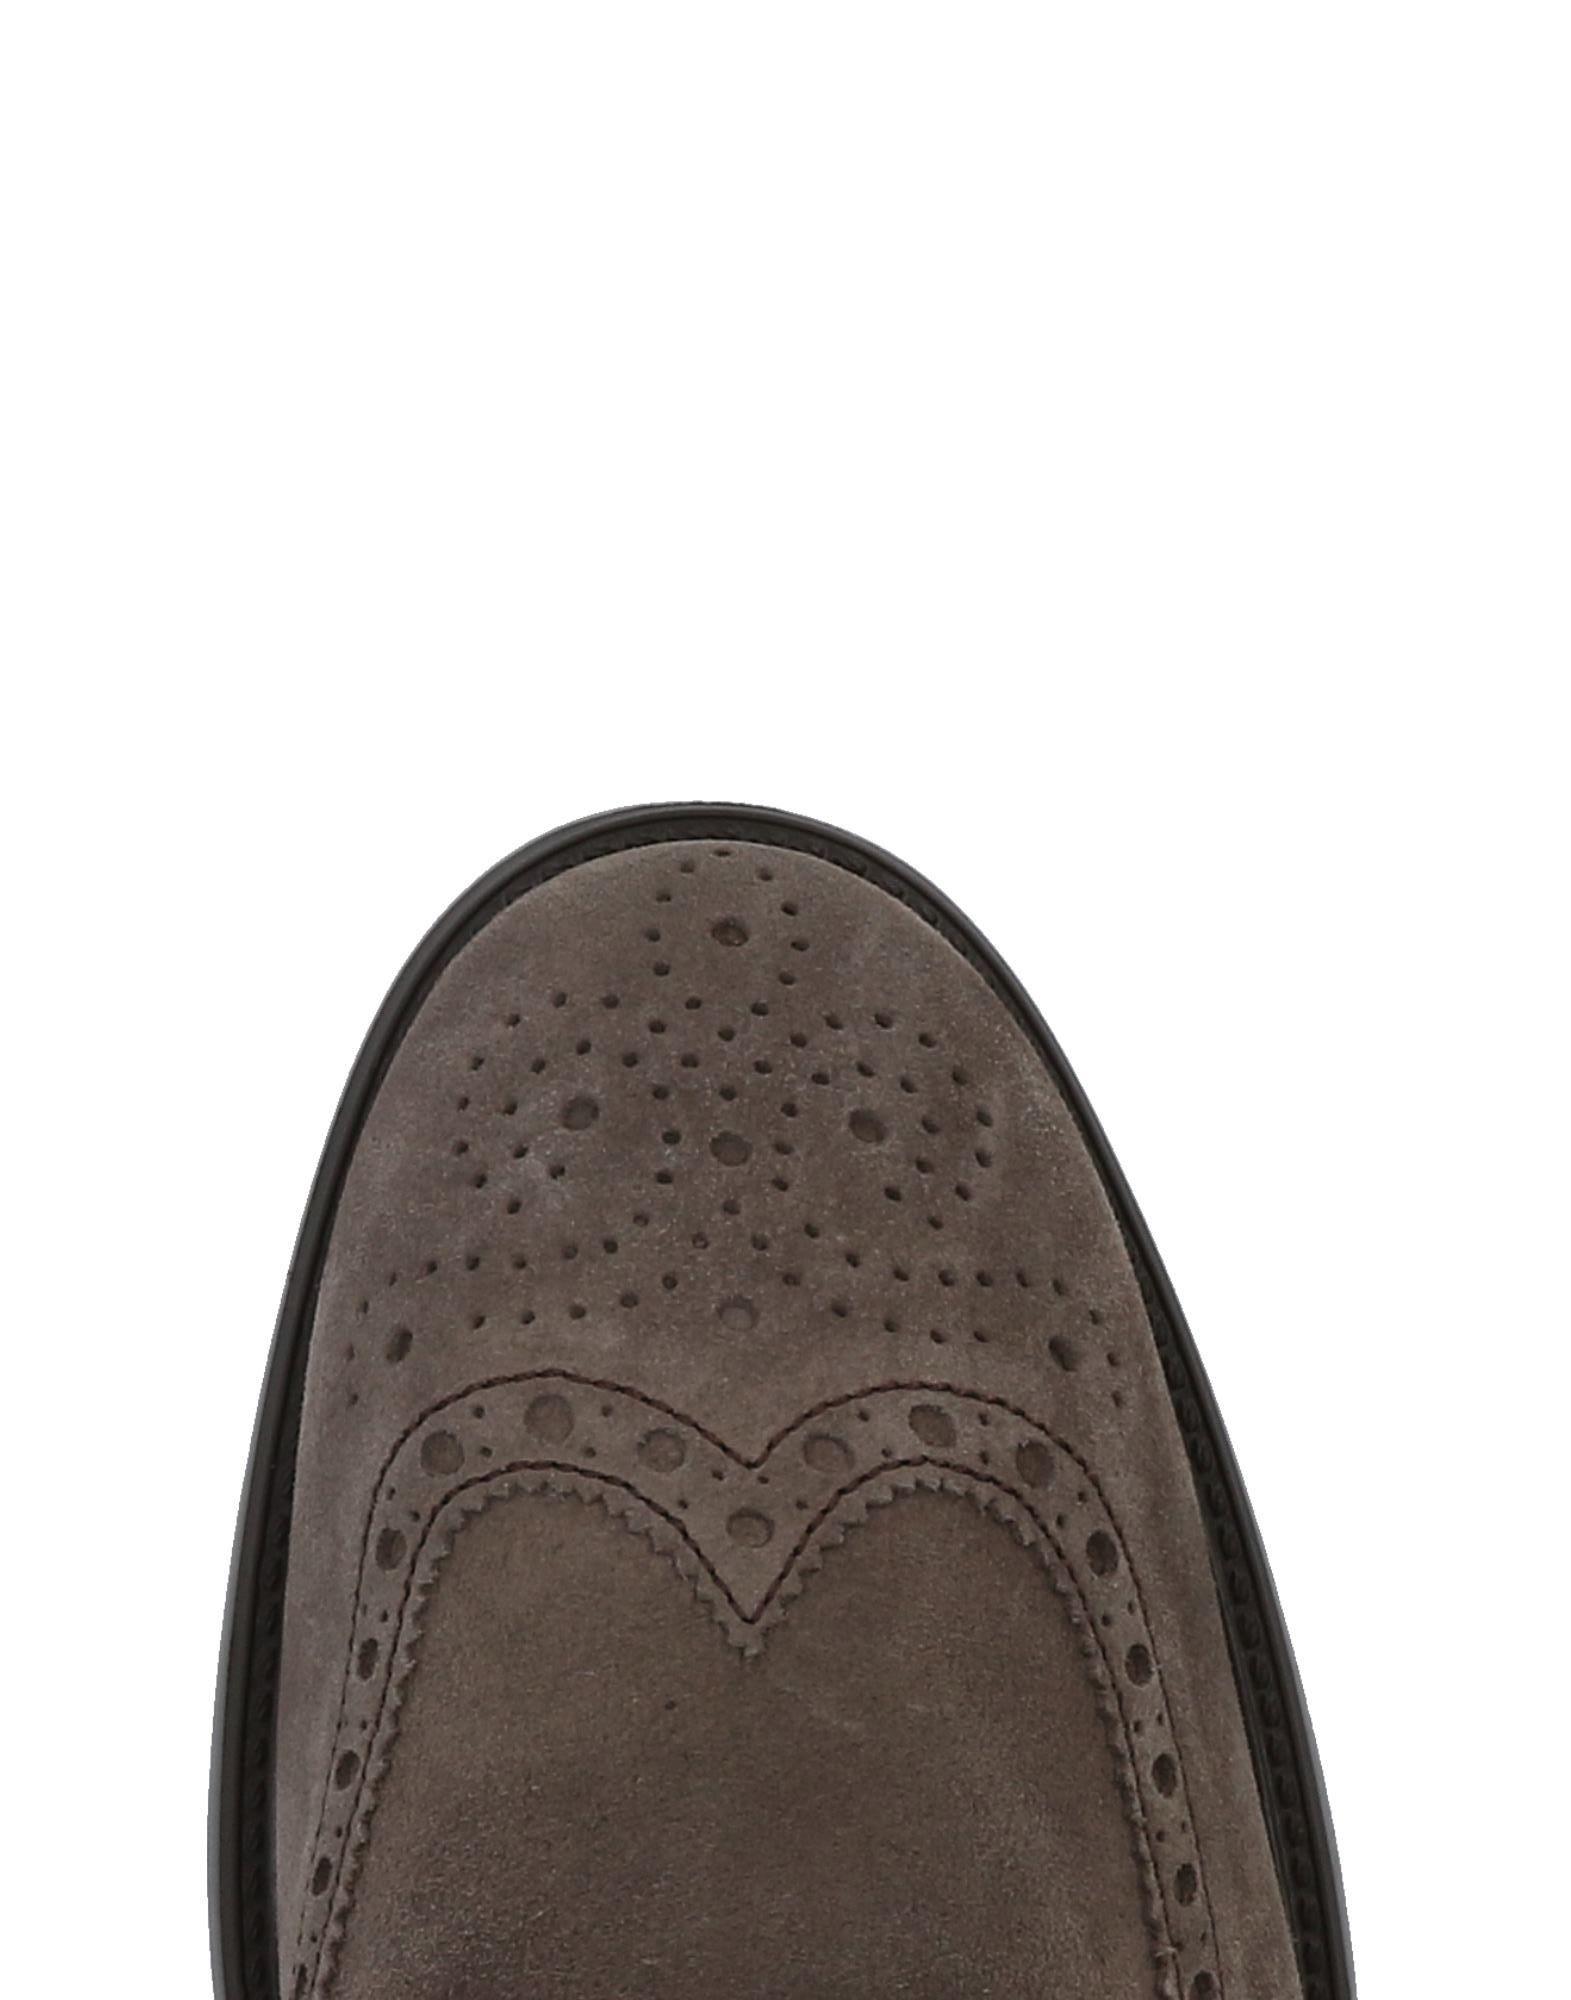 Paco Milan Schnürschuhe Schnürschuhe Milan Herren  11443004LE Neue Schuhe 2ae23d